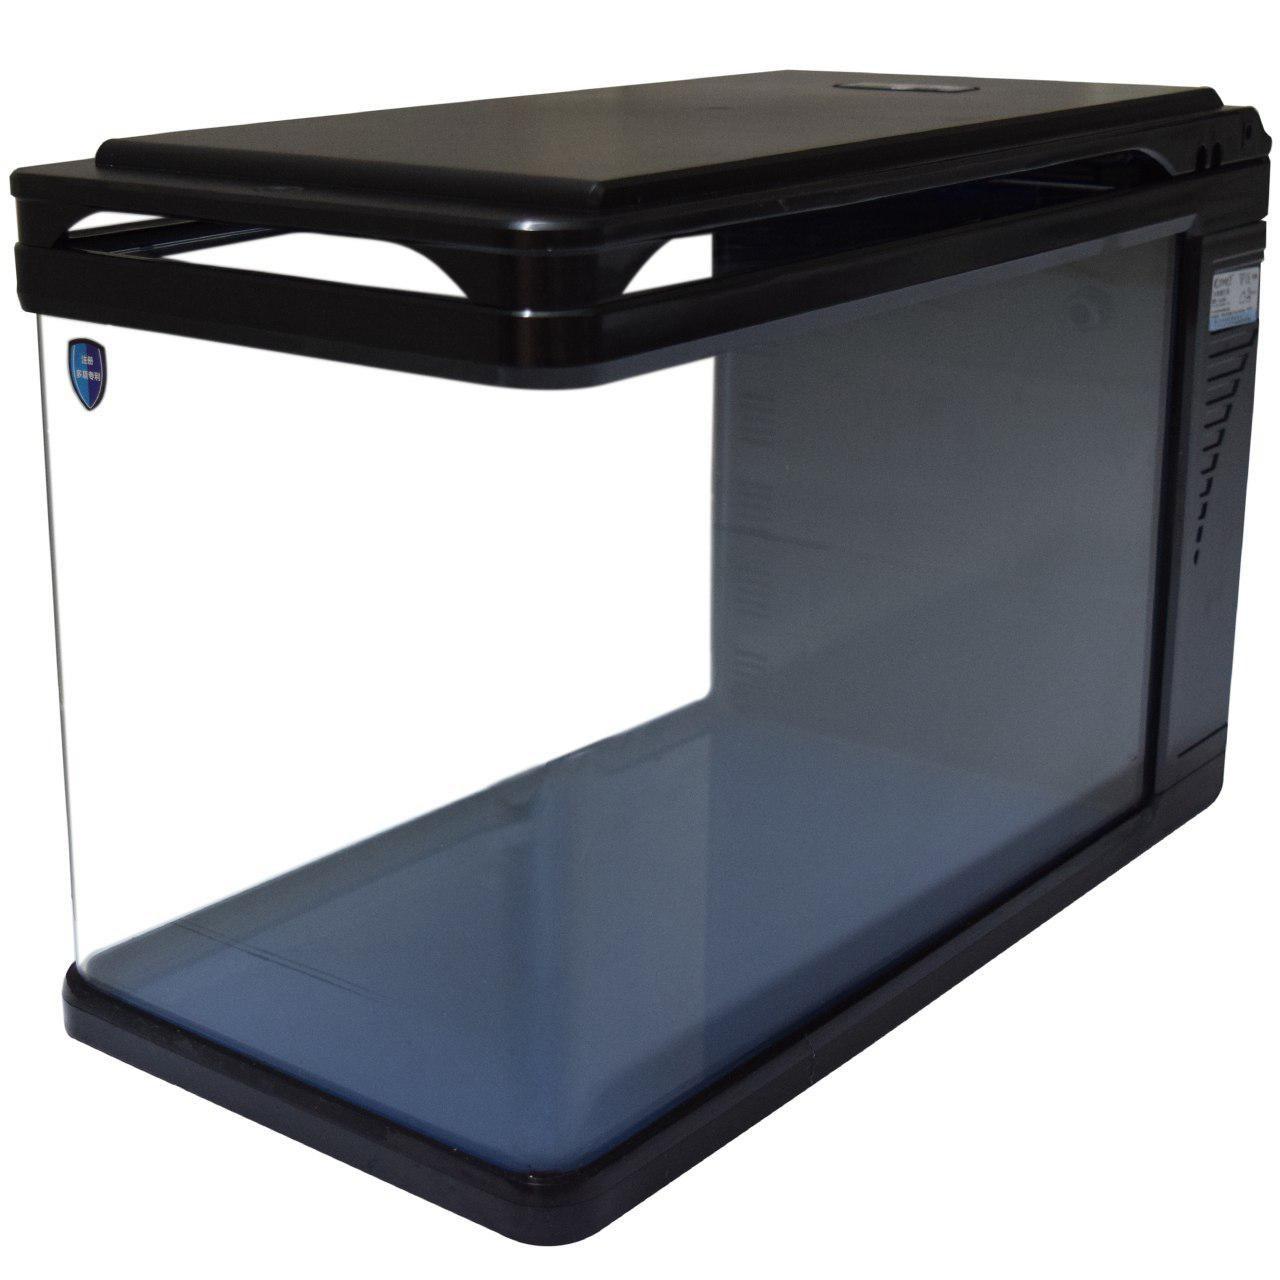 آکواریوم کمری مدل Q3-500 حجم 50 لیتر